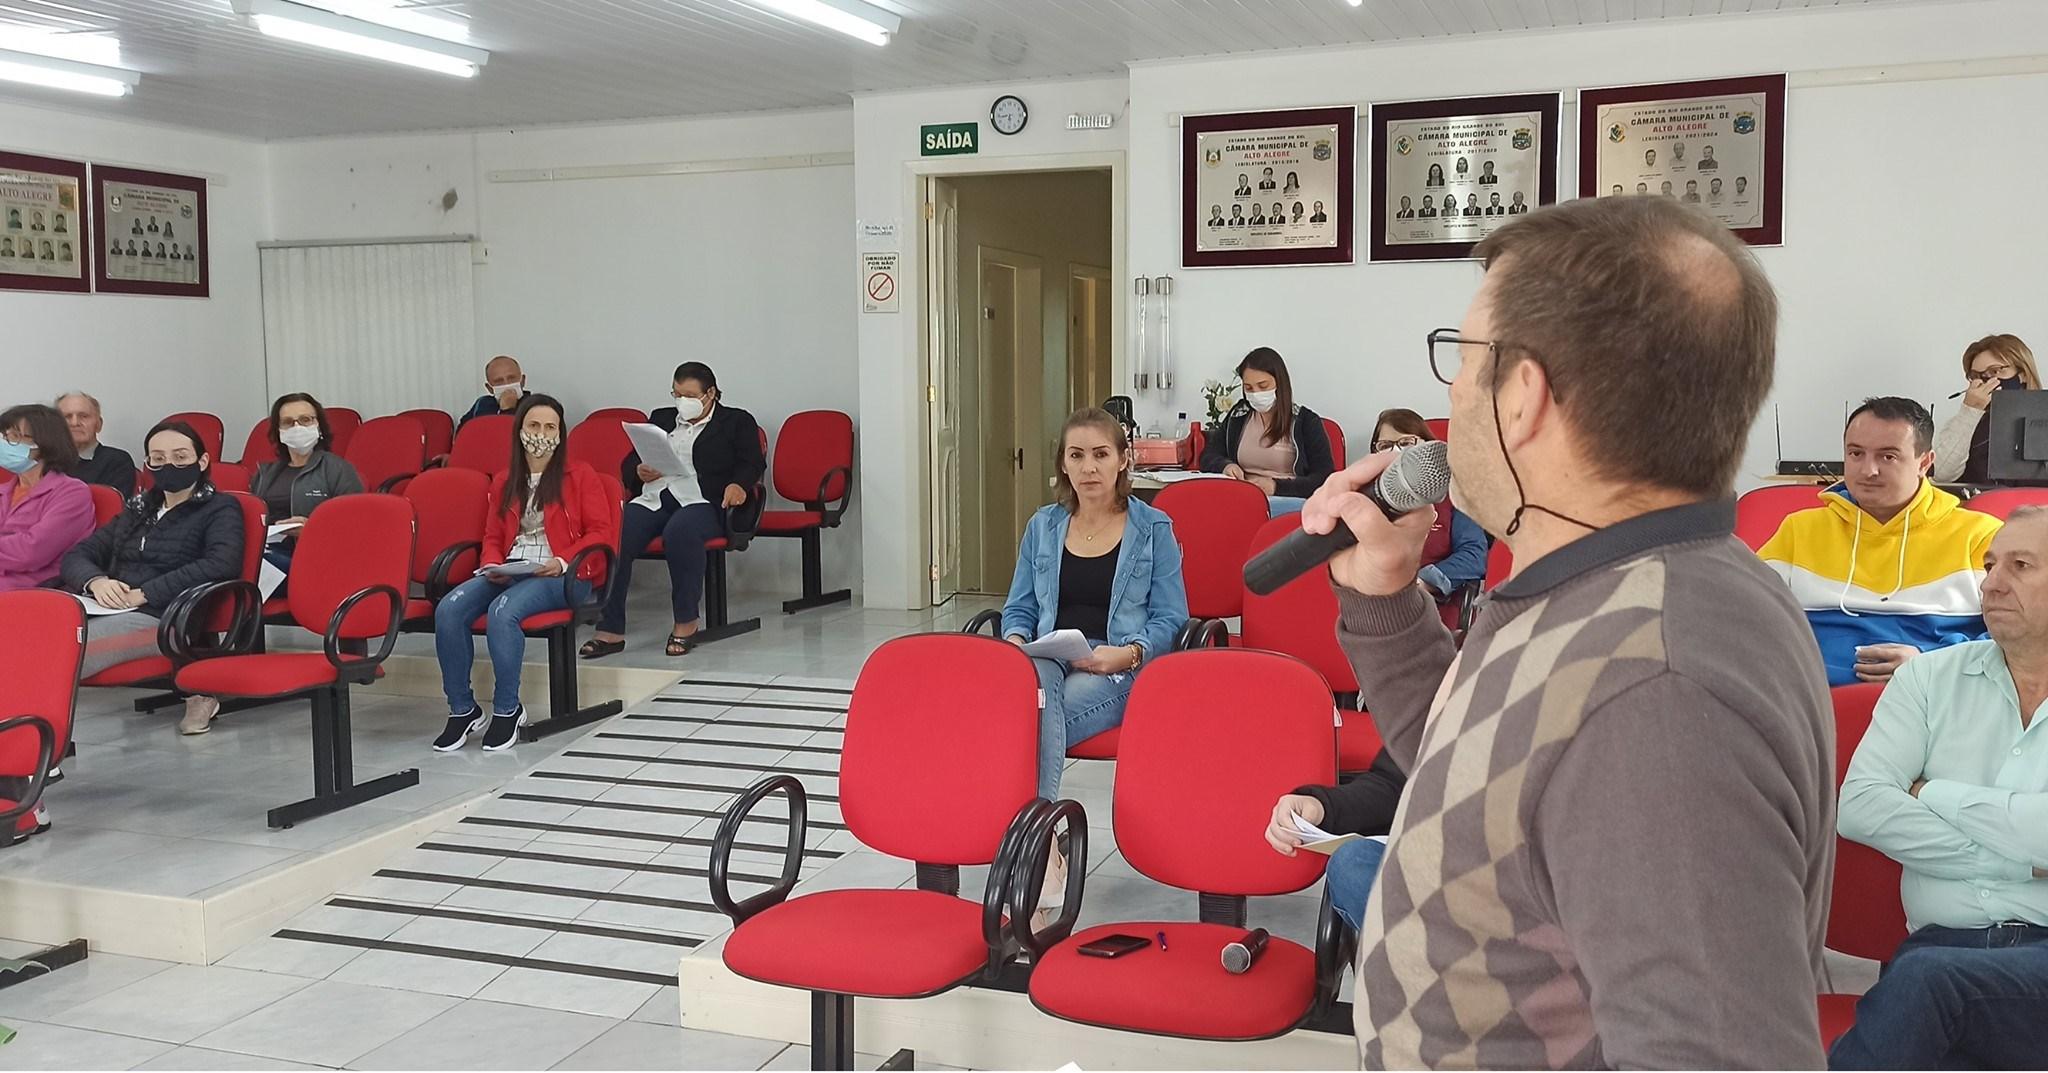 7ª Conferência Municipal de Saúde discute Plano Municipal de Saúde em Alto Alegre